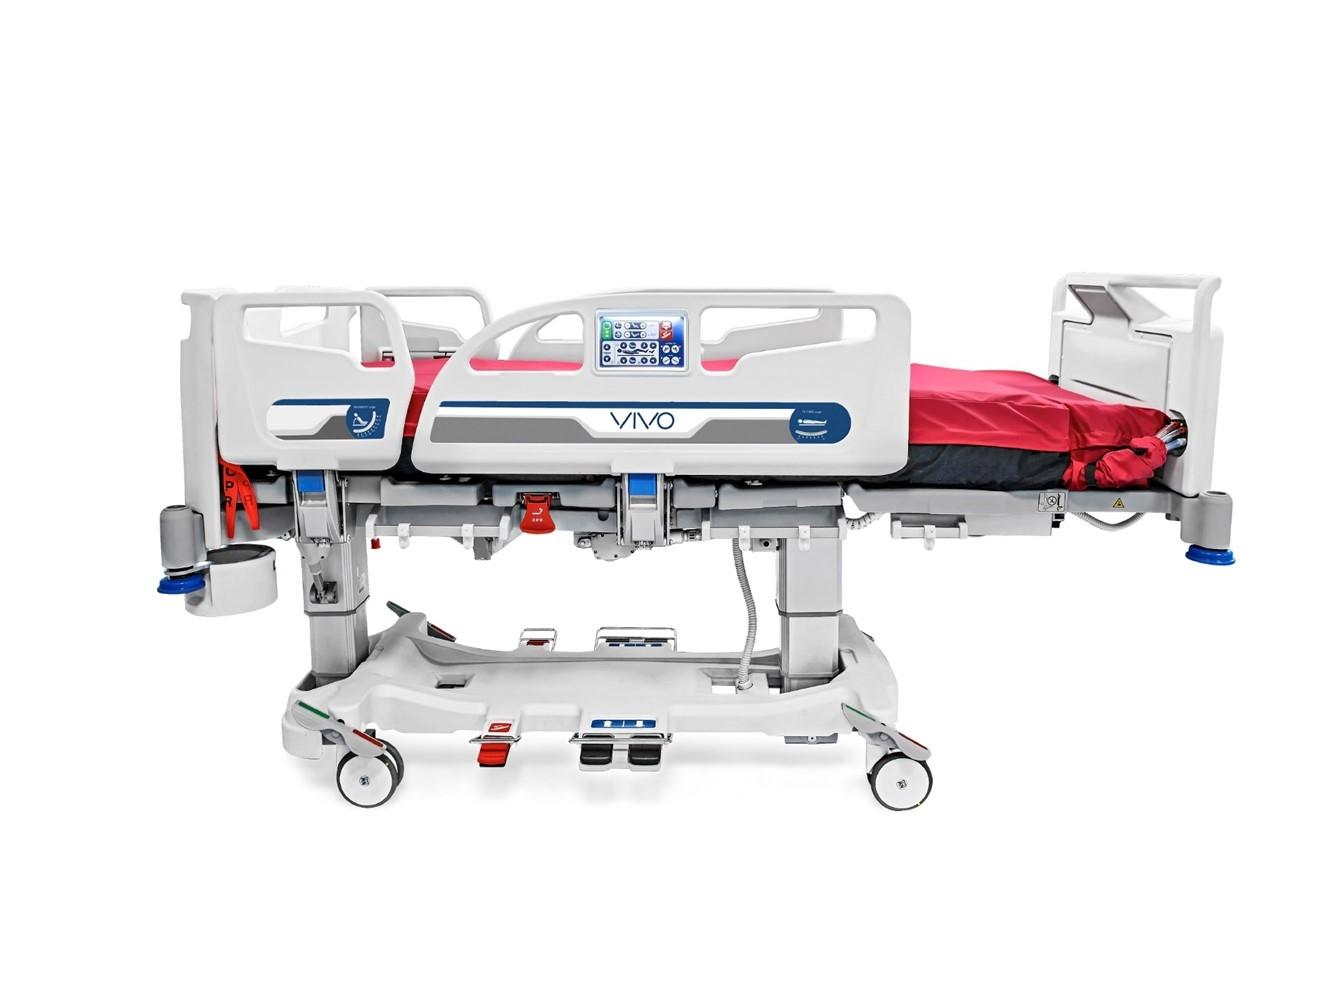 Letti terapia intensiva e rianimazione con bilancia malvestio - Toro e bilancia a letto ...